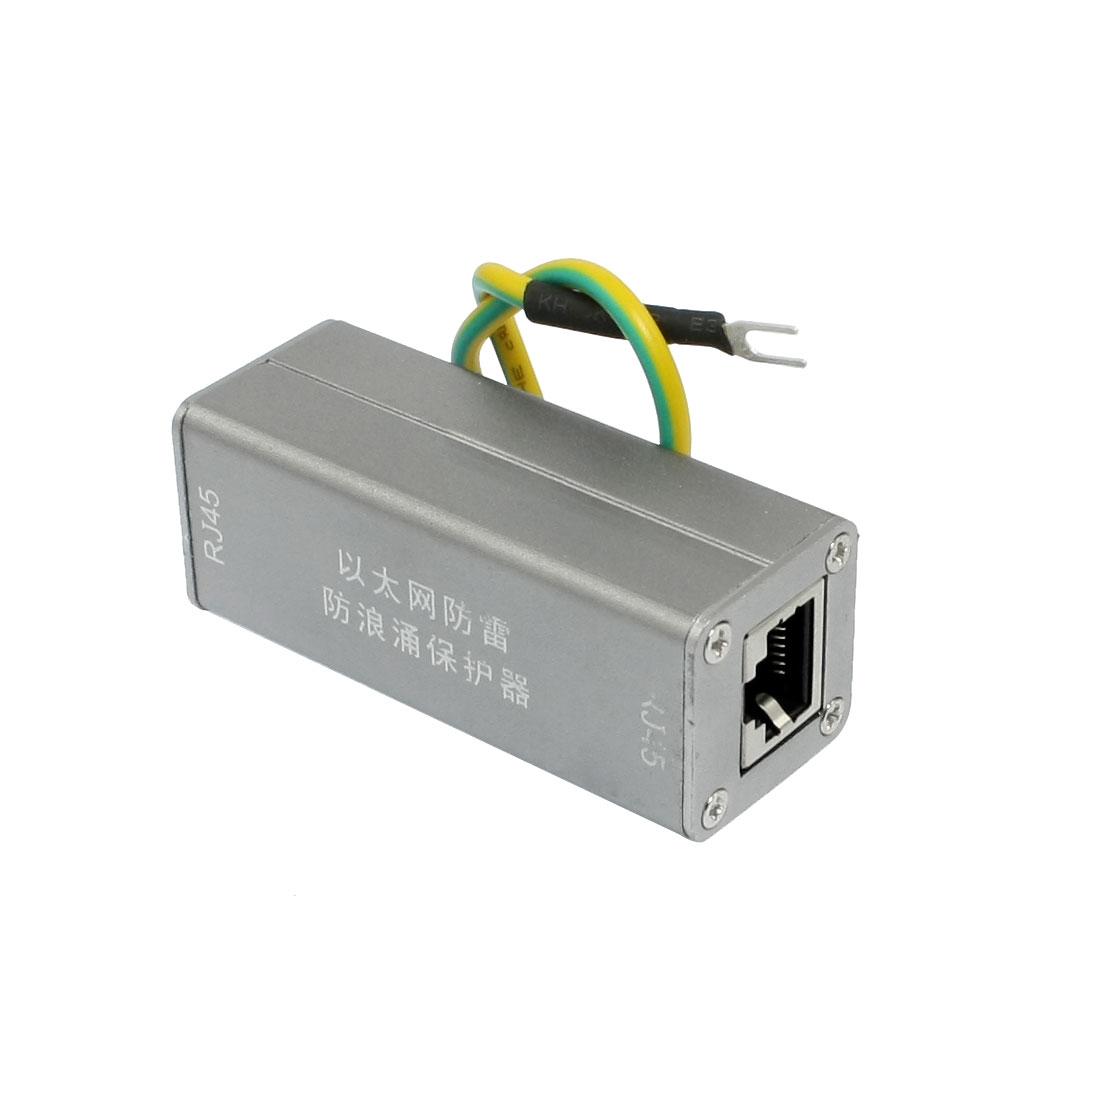 100Mbps RJ45 Port Ethernet Network Signal Surge Protector Arrester Thunder